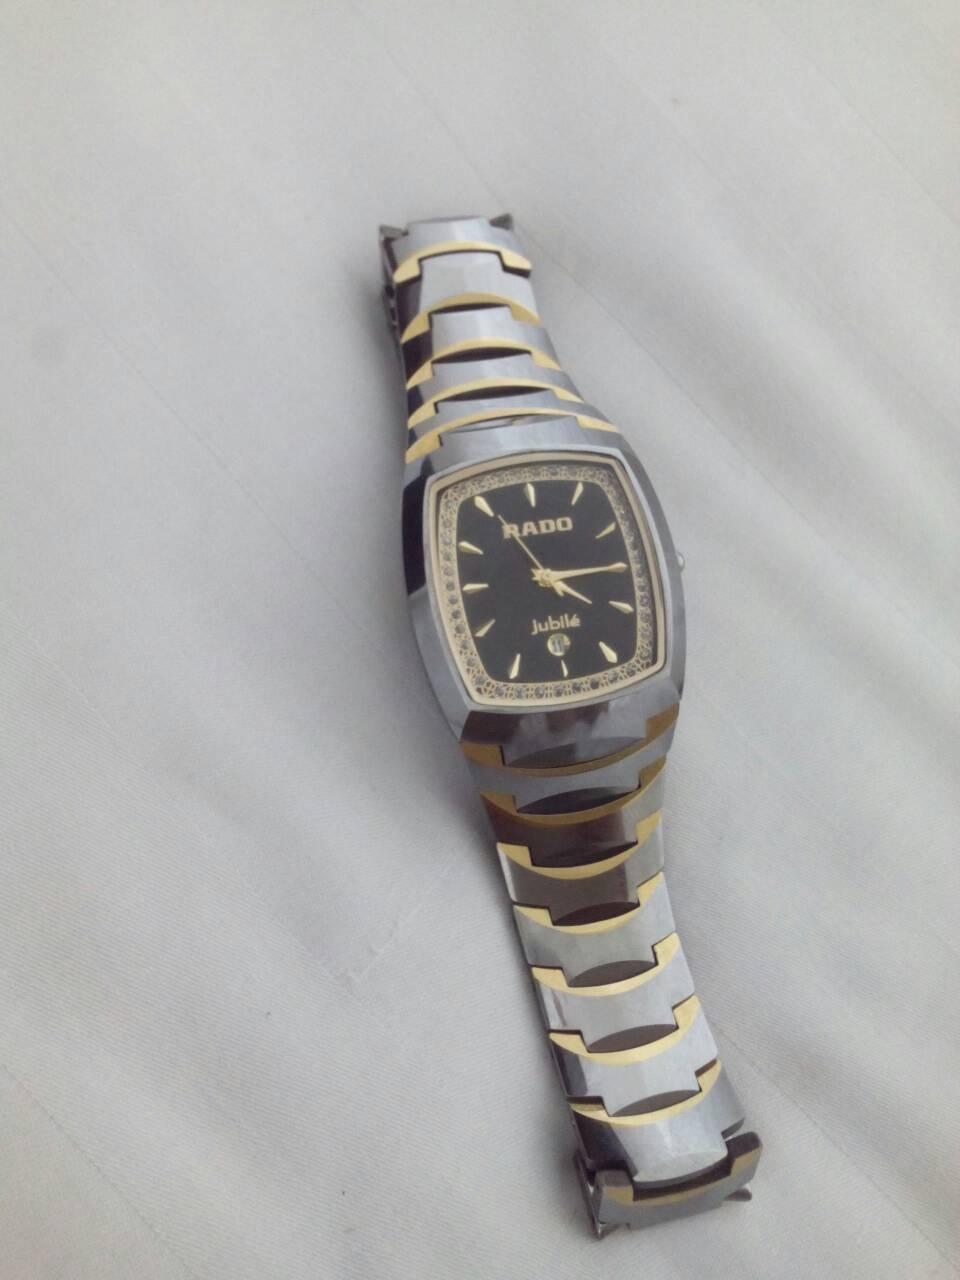 radojubile系列_rado手表,jubile 号码是7627gm多少钱,谢谢